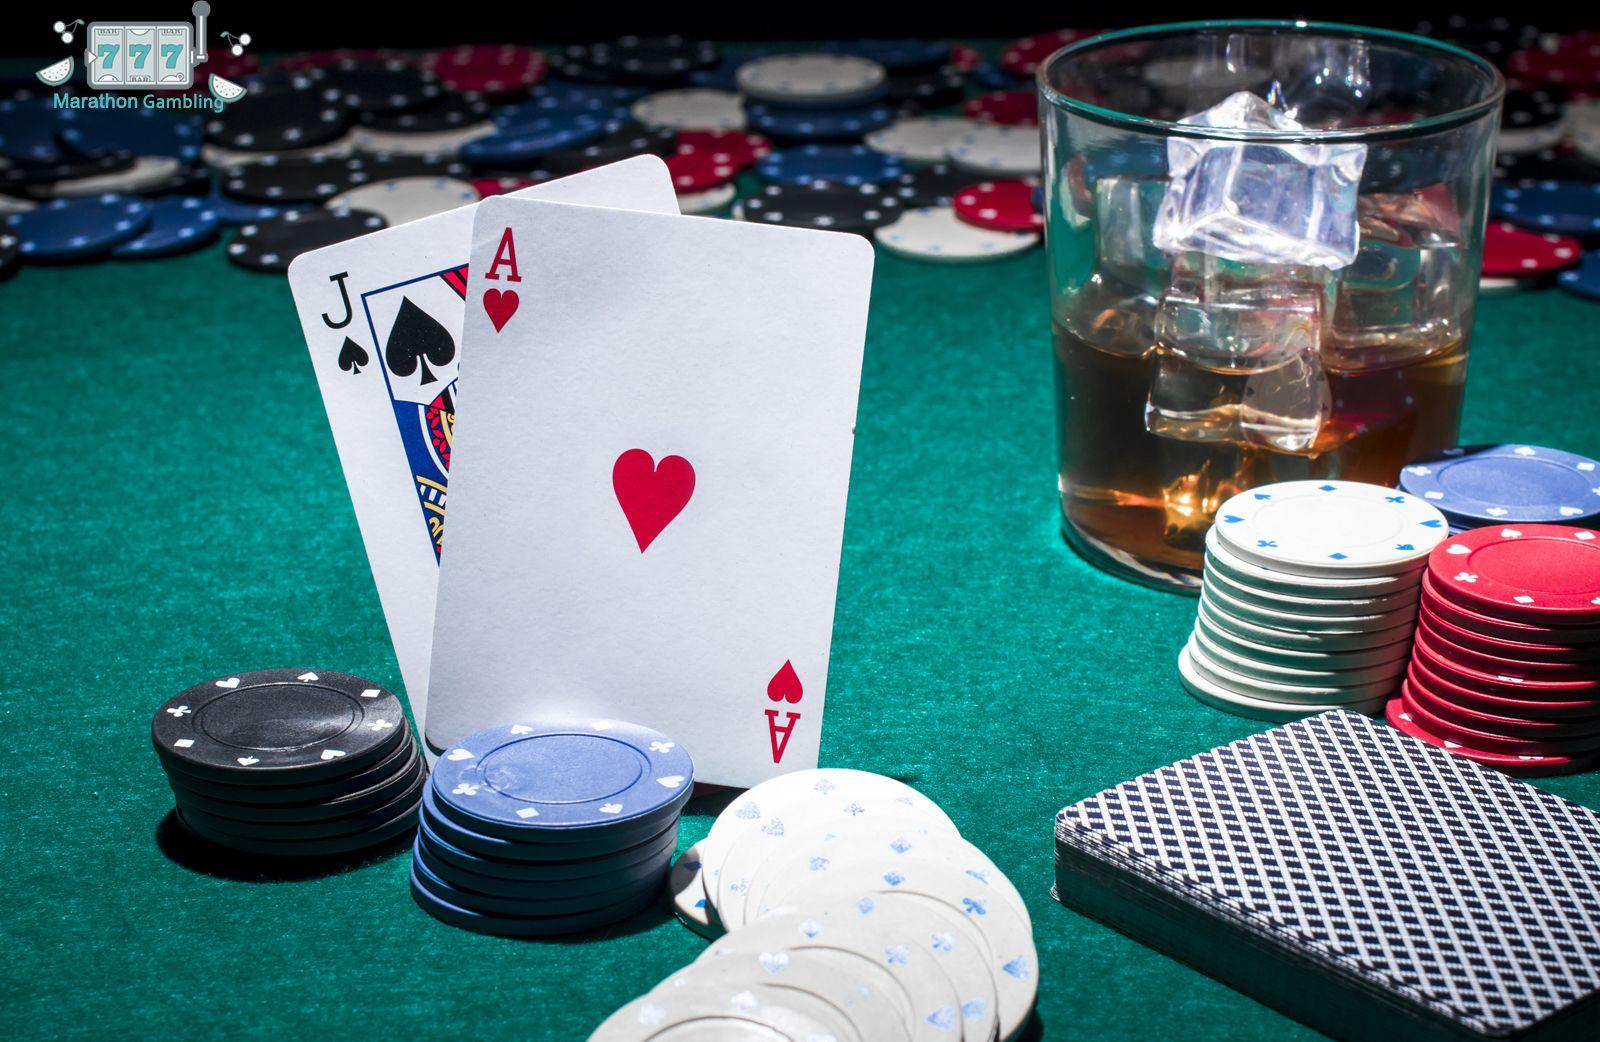 Ambil Kesempatan Jadi Member Poker Online Terbesar Sekarang Permainan Video Poker Kartu